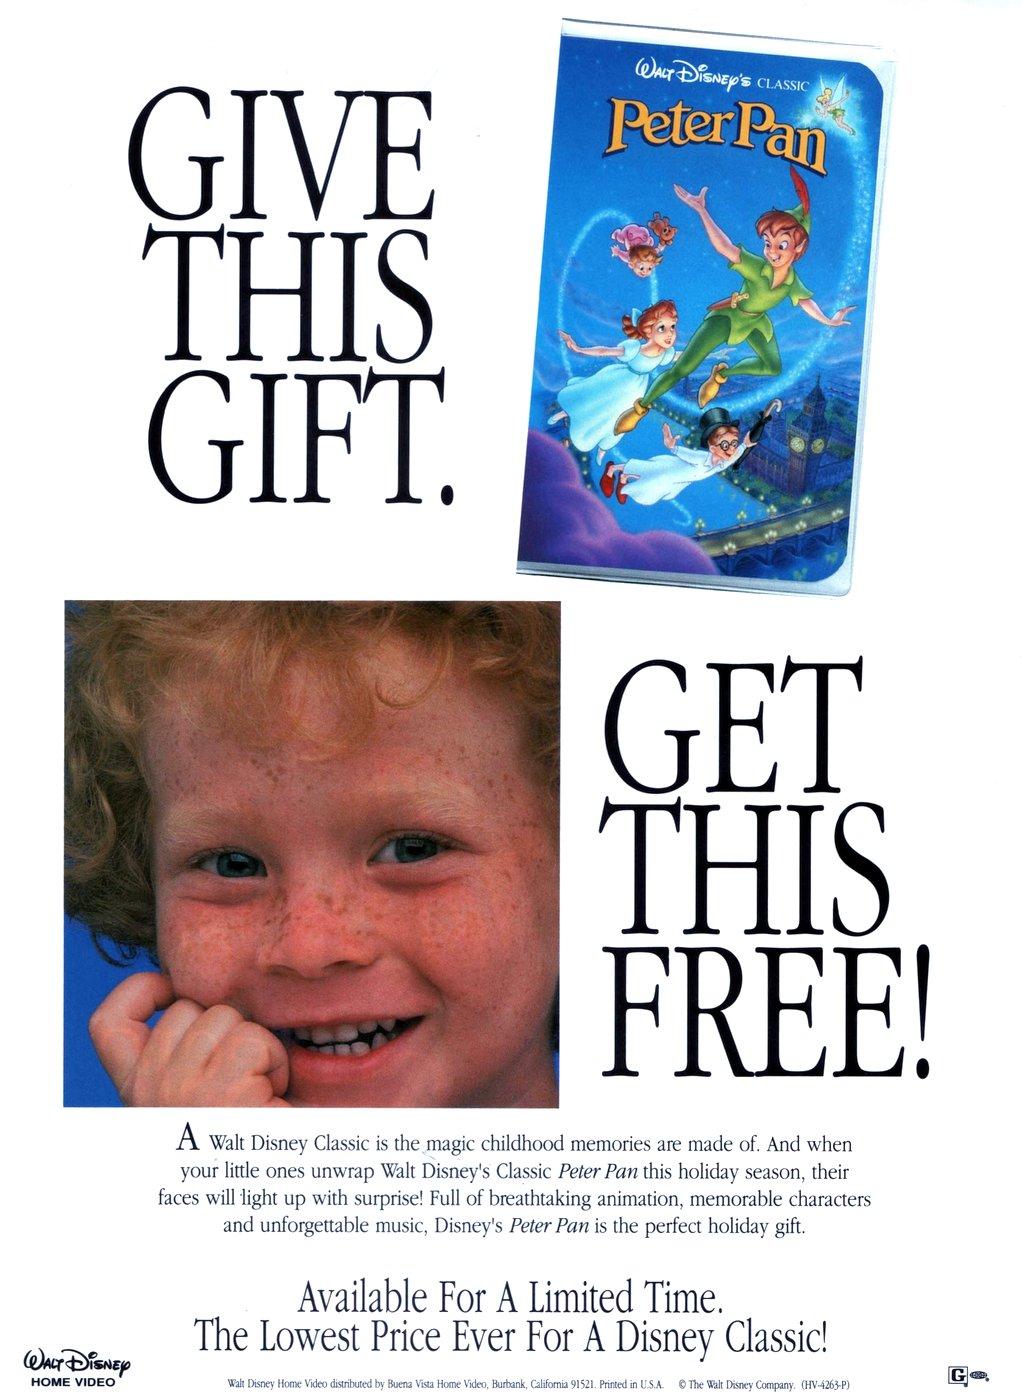 Walt Disney's Peter Pan on video tape (1990)